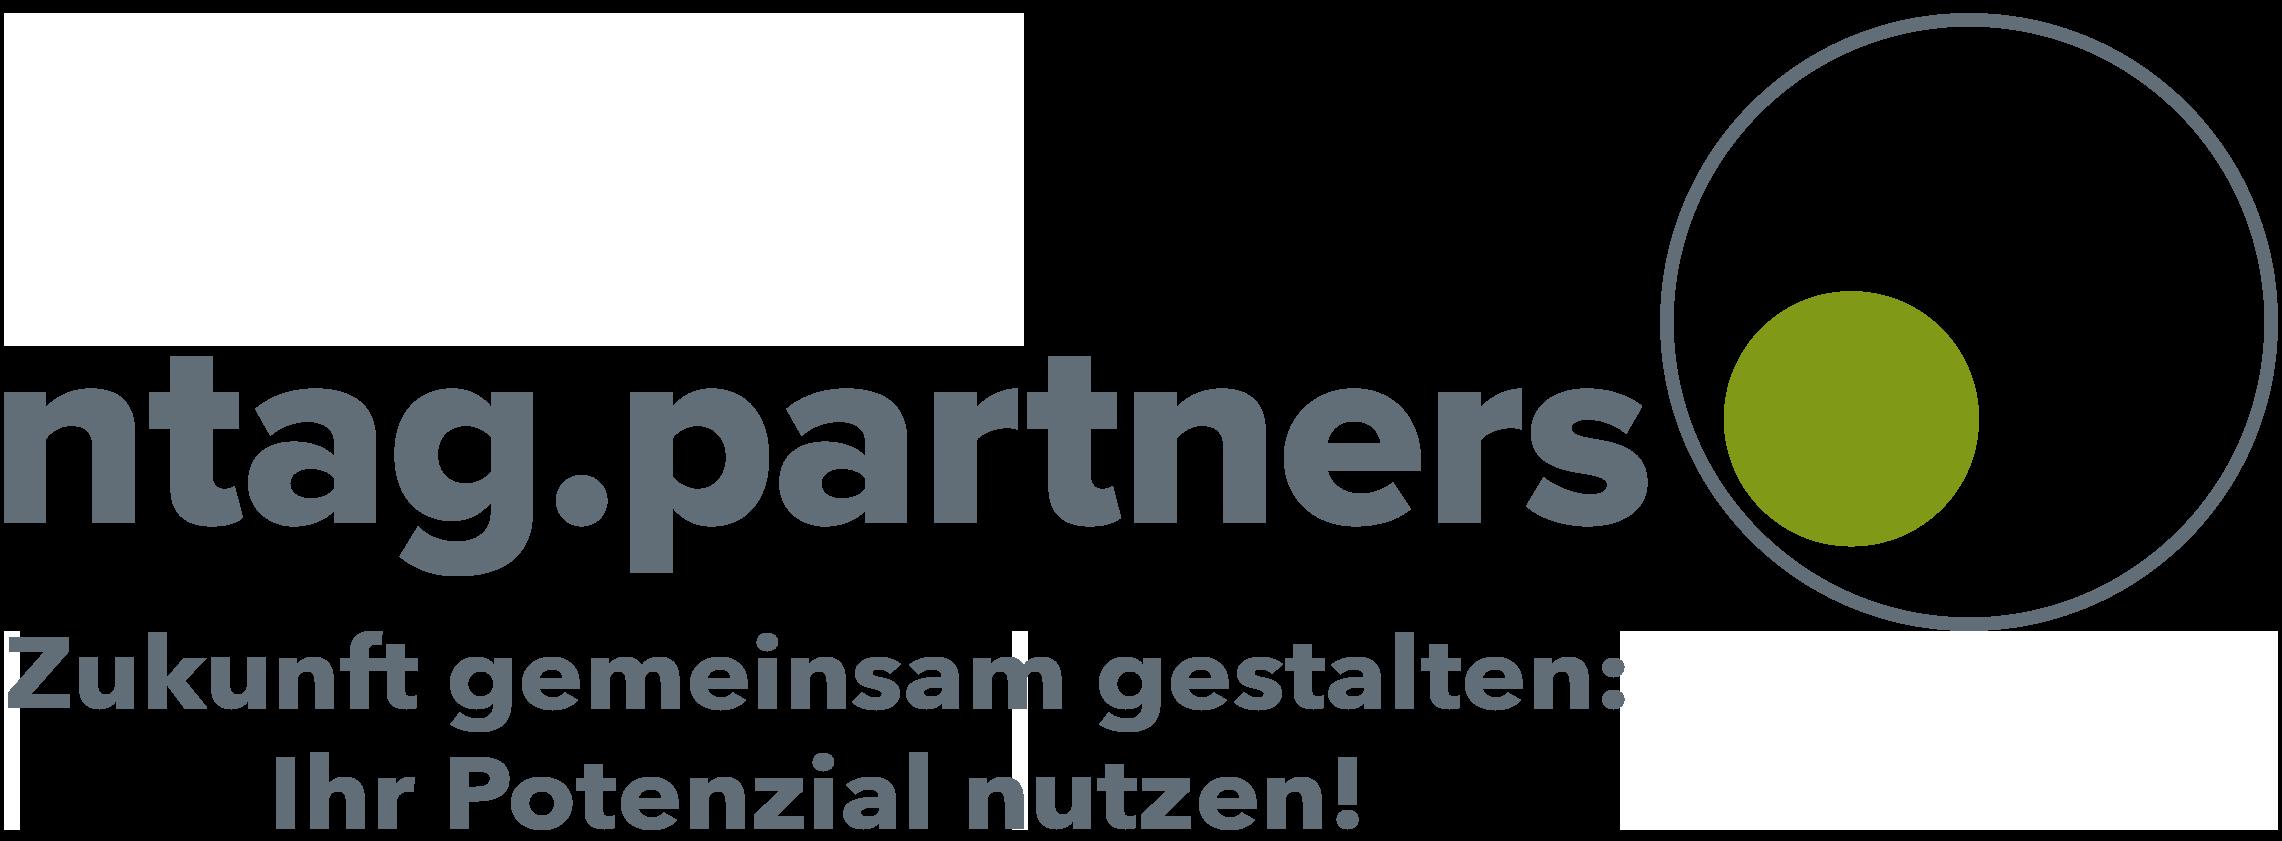 ntag.partners UG